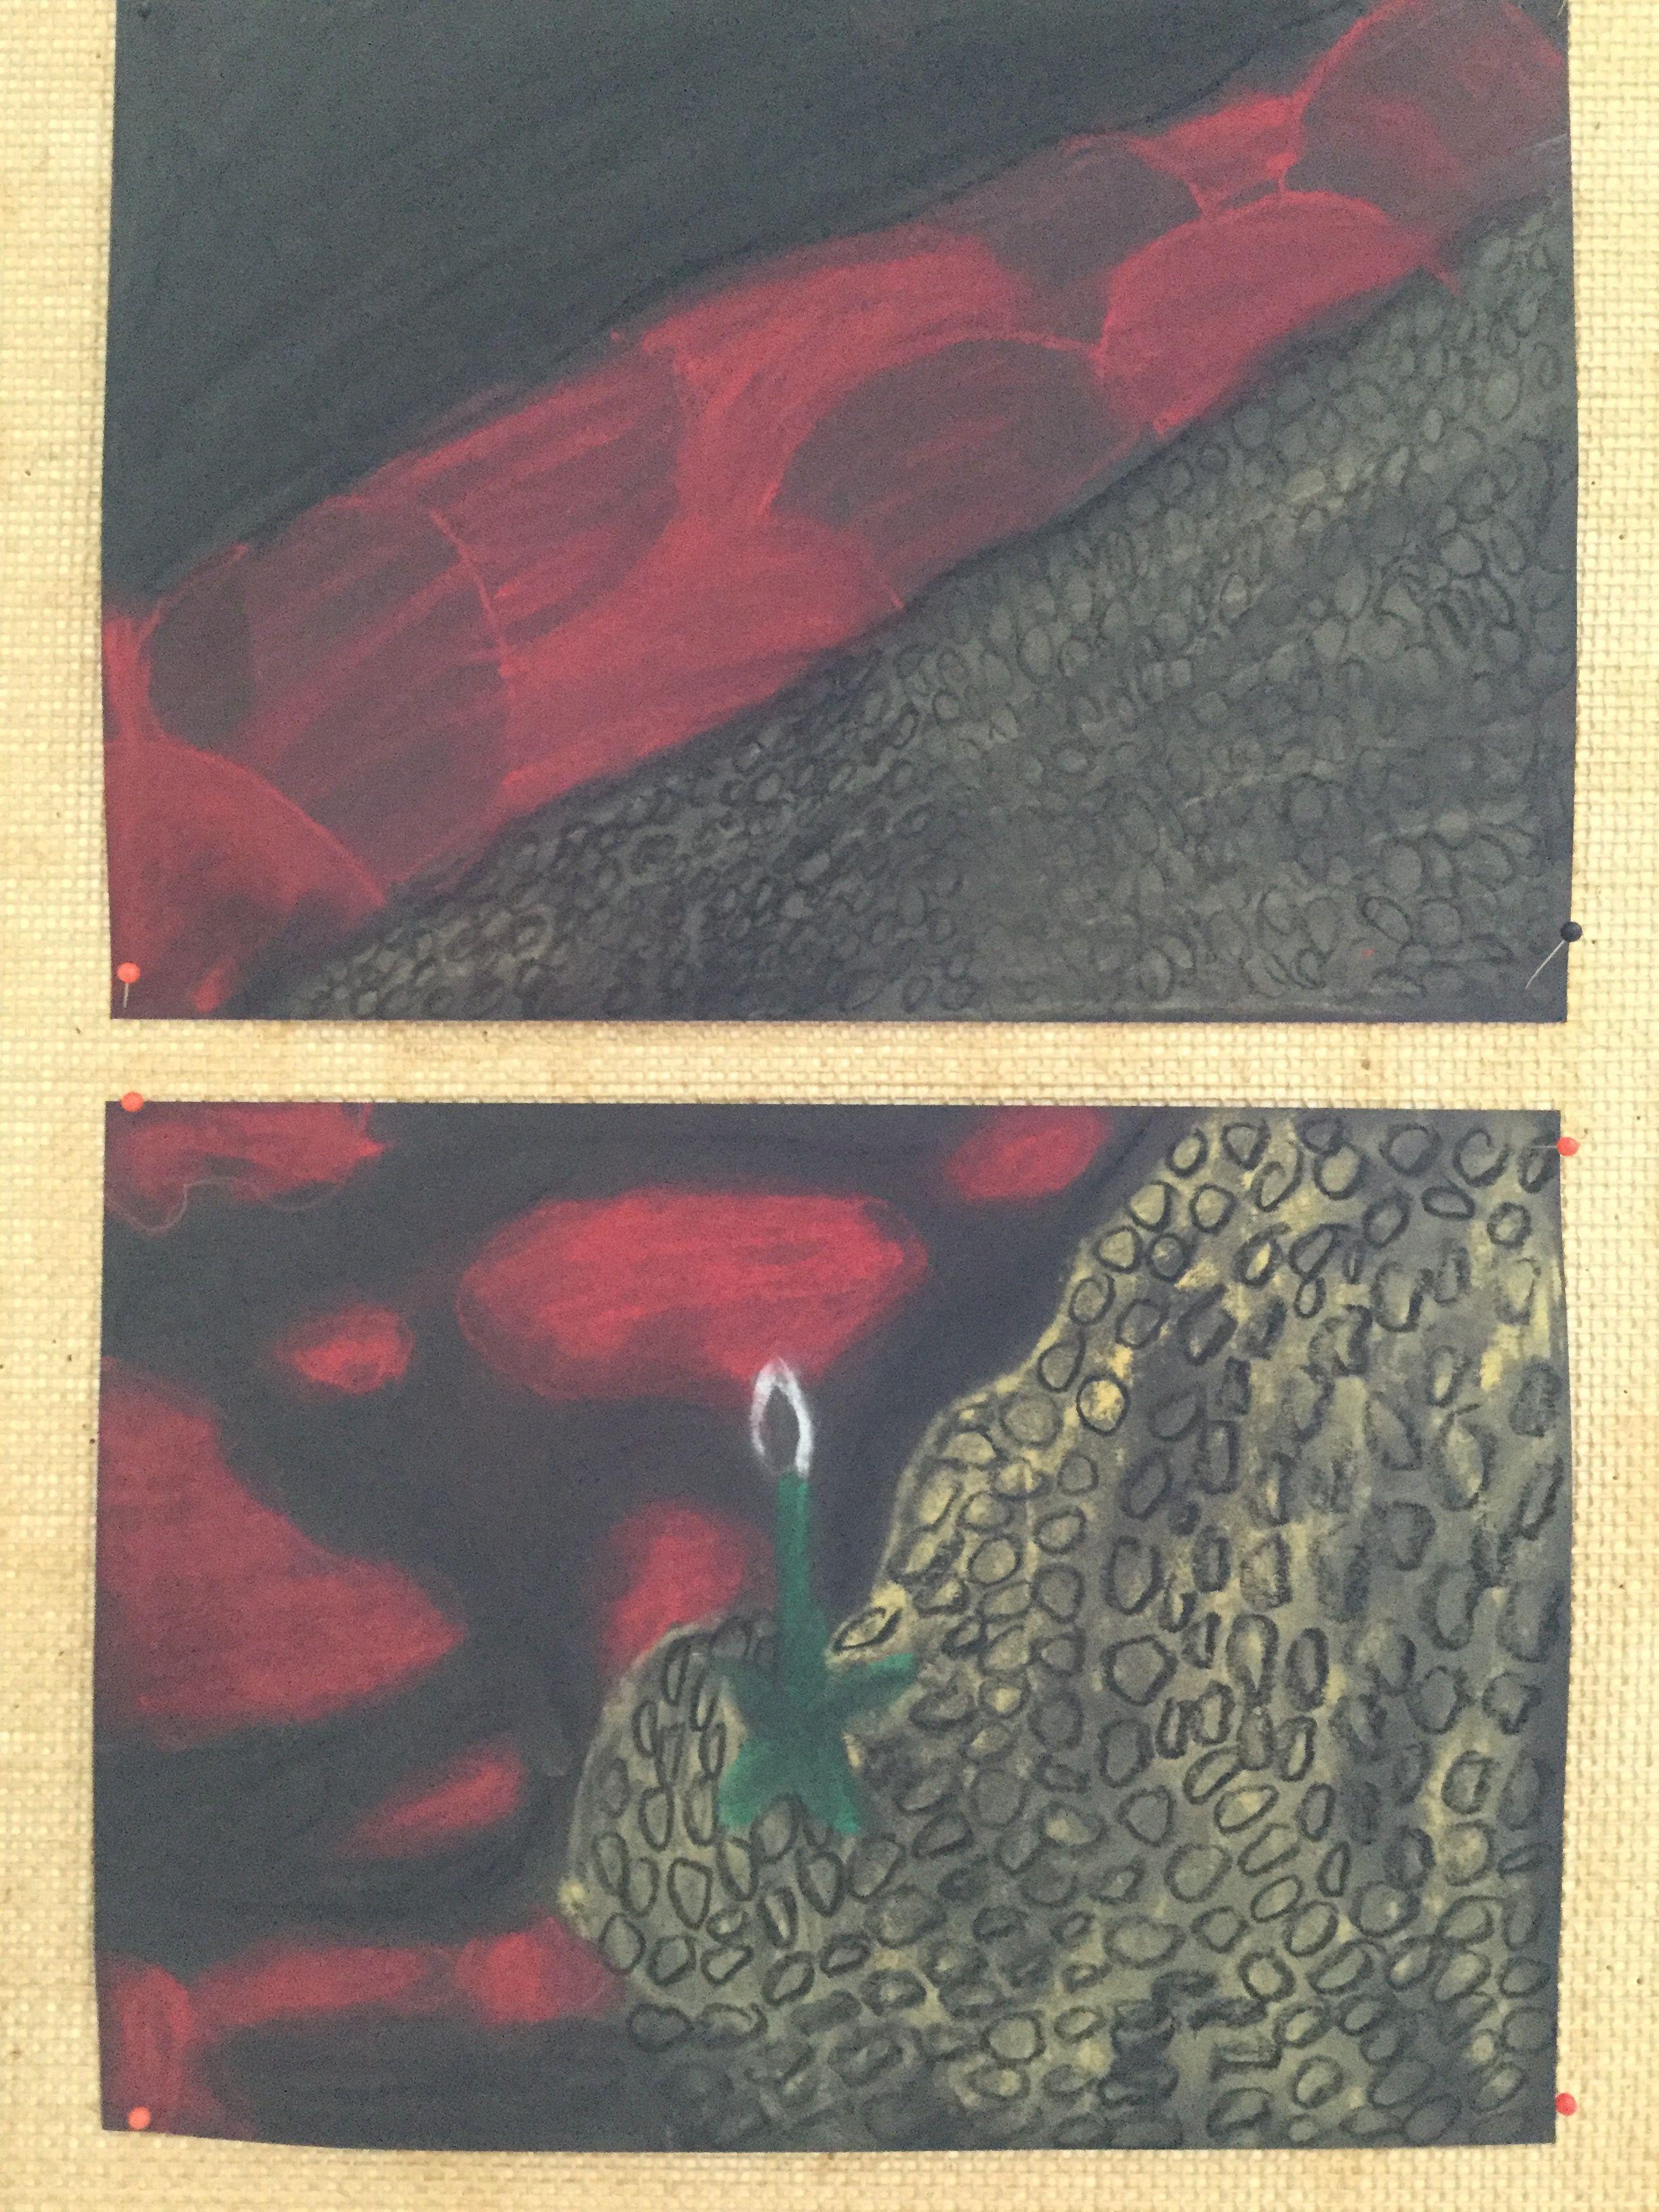 Akseli Gallen-Kallelan Kalevala-taidetta, yksityiskohtia teoksesta Lemminkäisen äiti